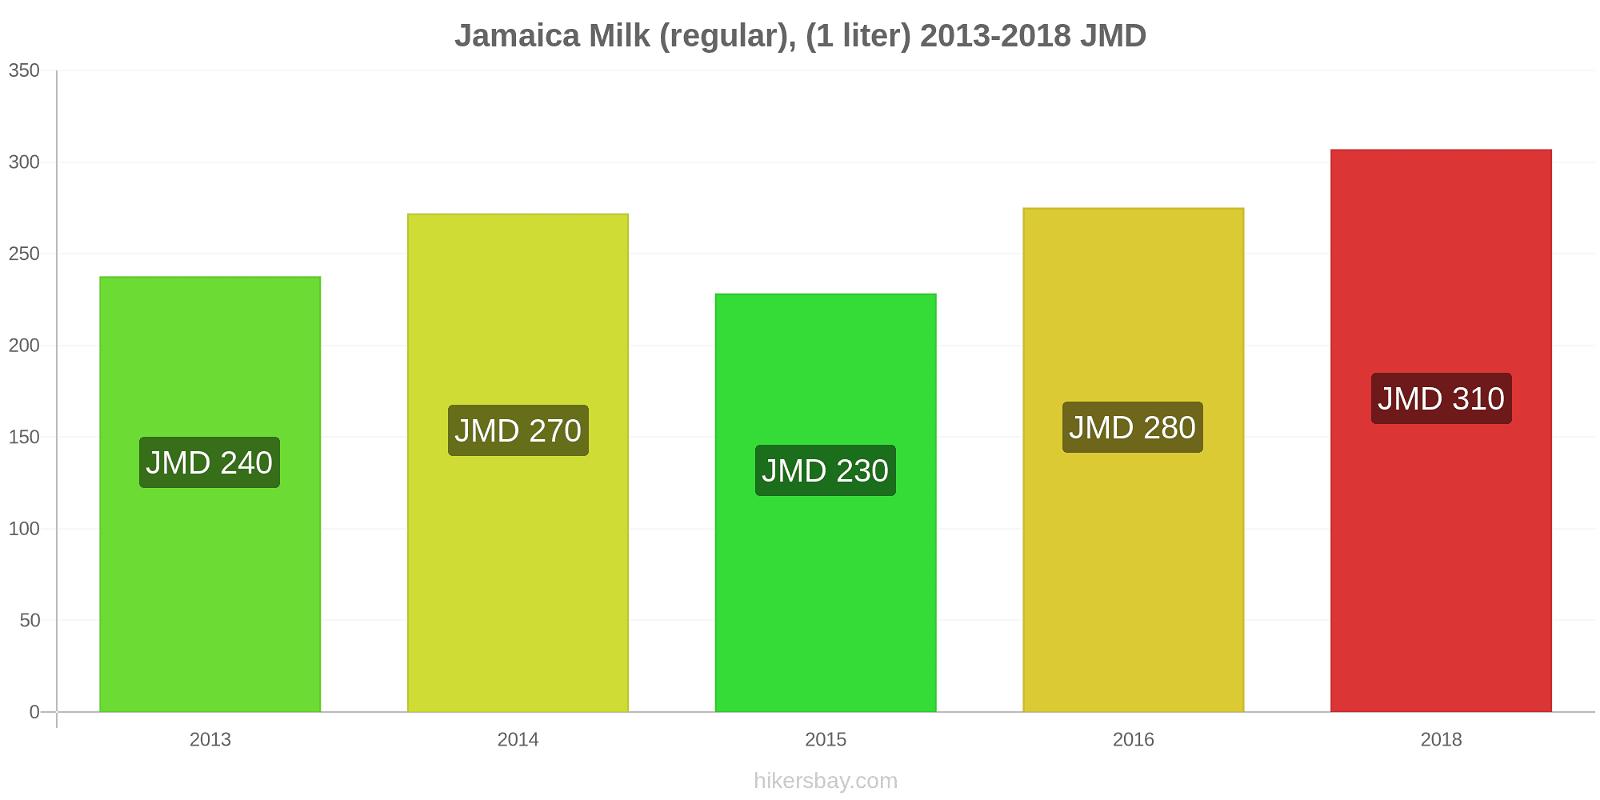 Jamaica price changes Milk (regular), (1 liter) hikersbay.com